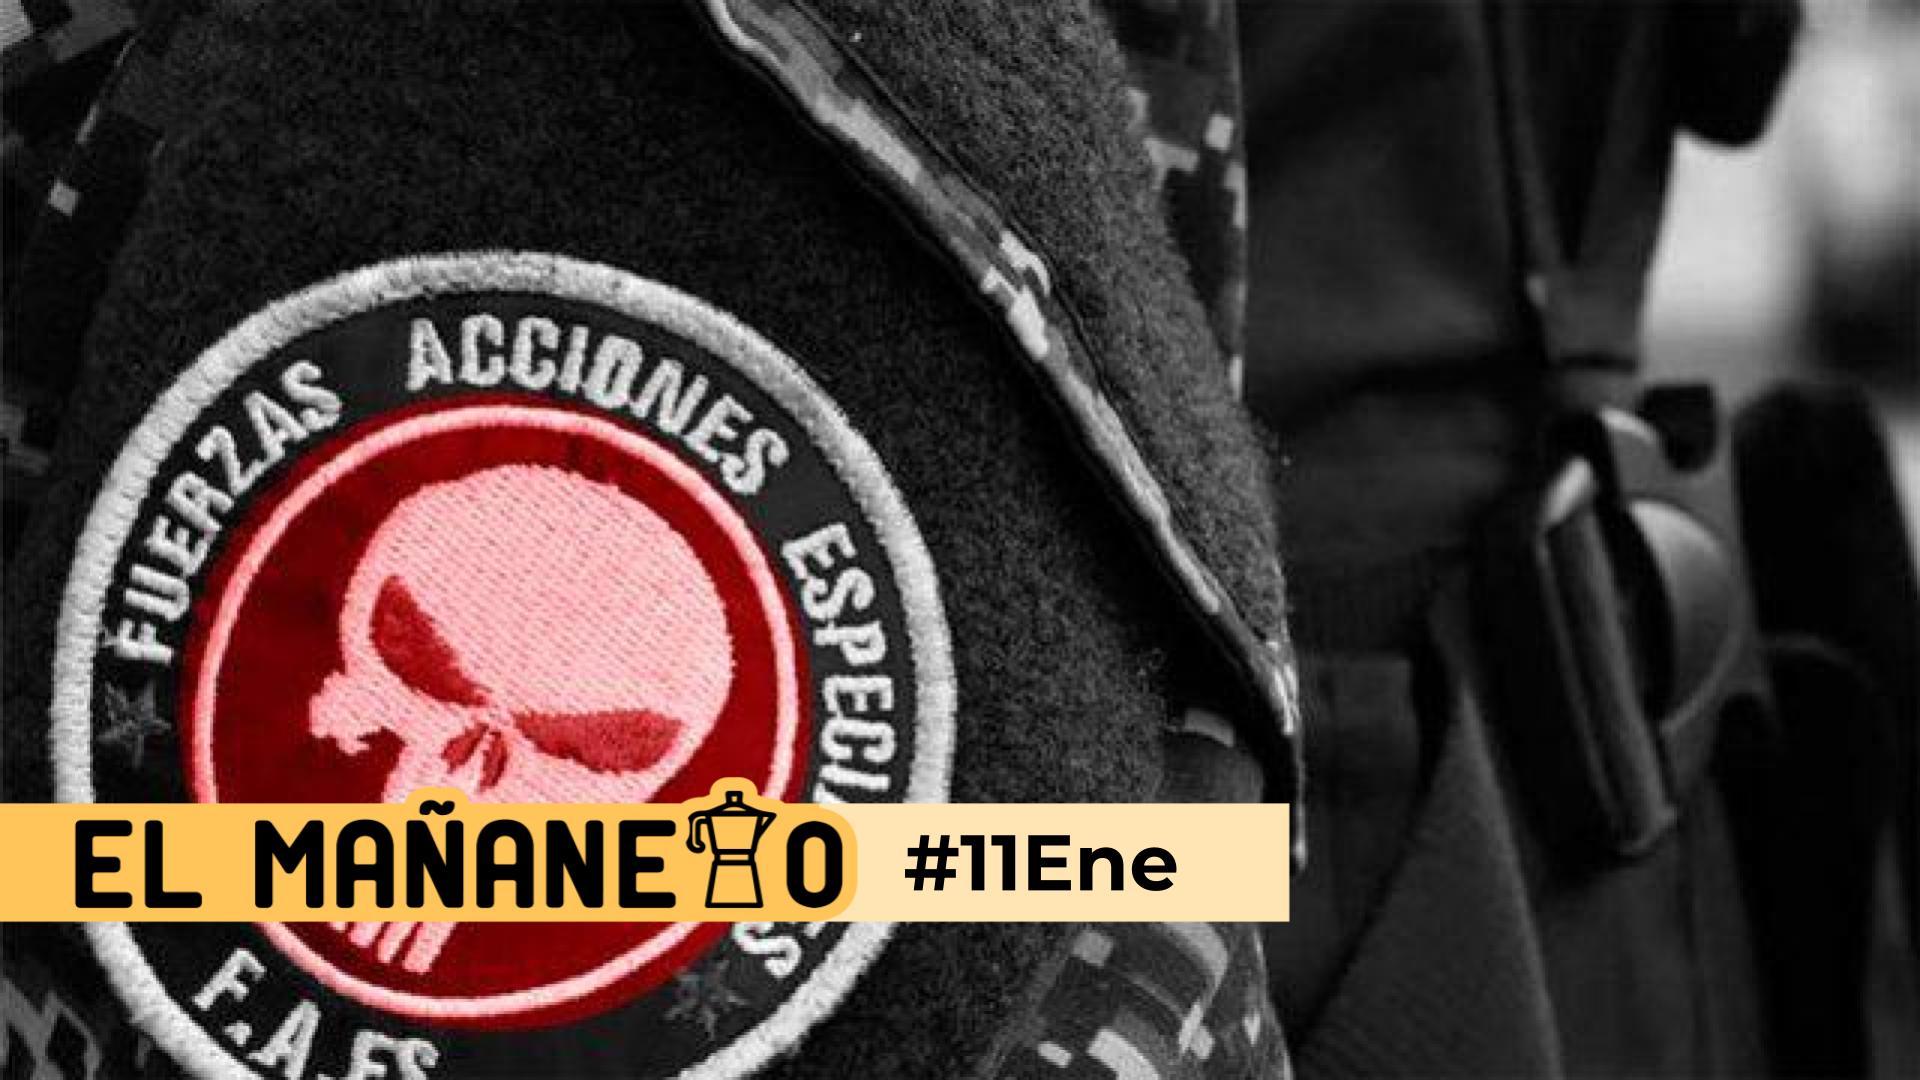 El Mañanero de hoy #11Ene: Las 7 noticias que debes saber